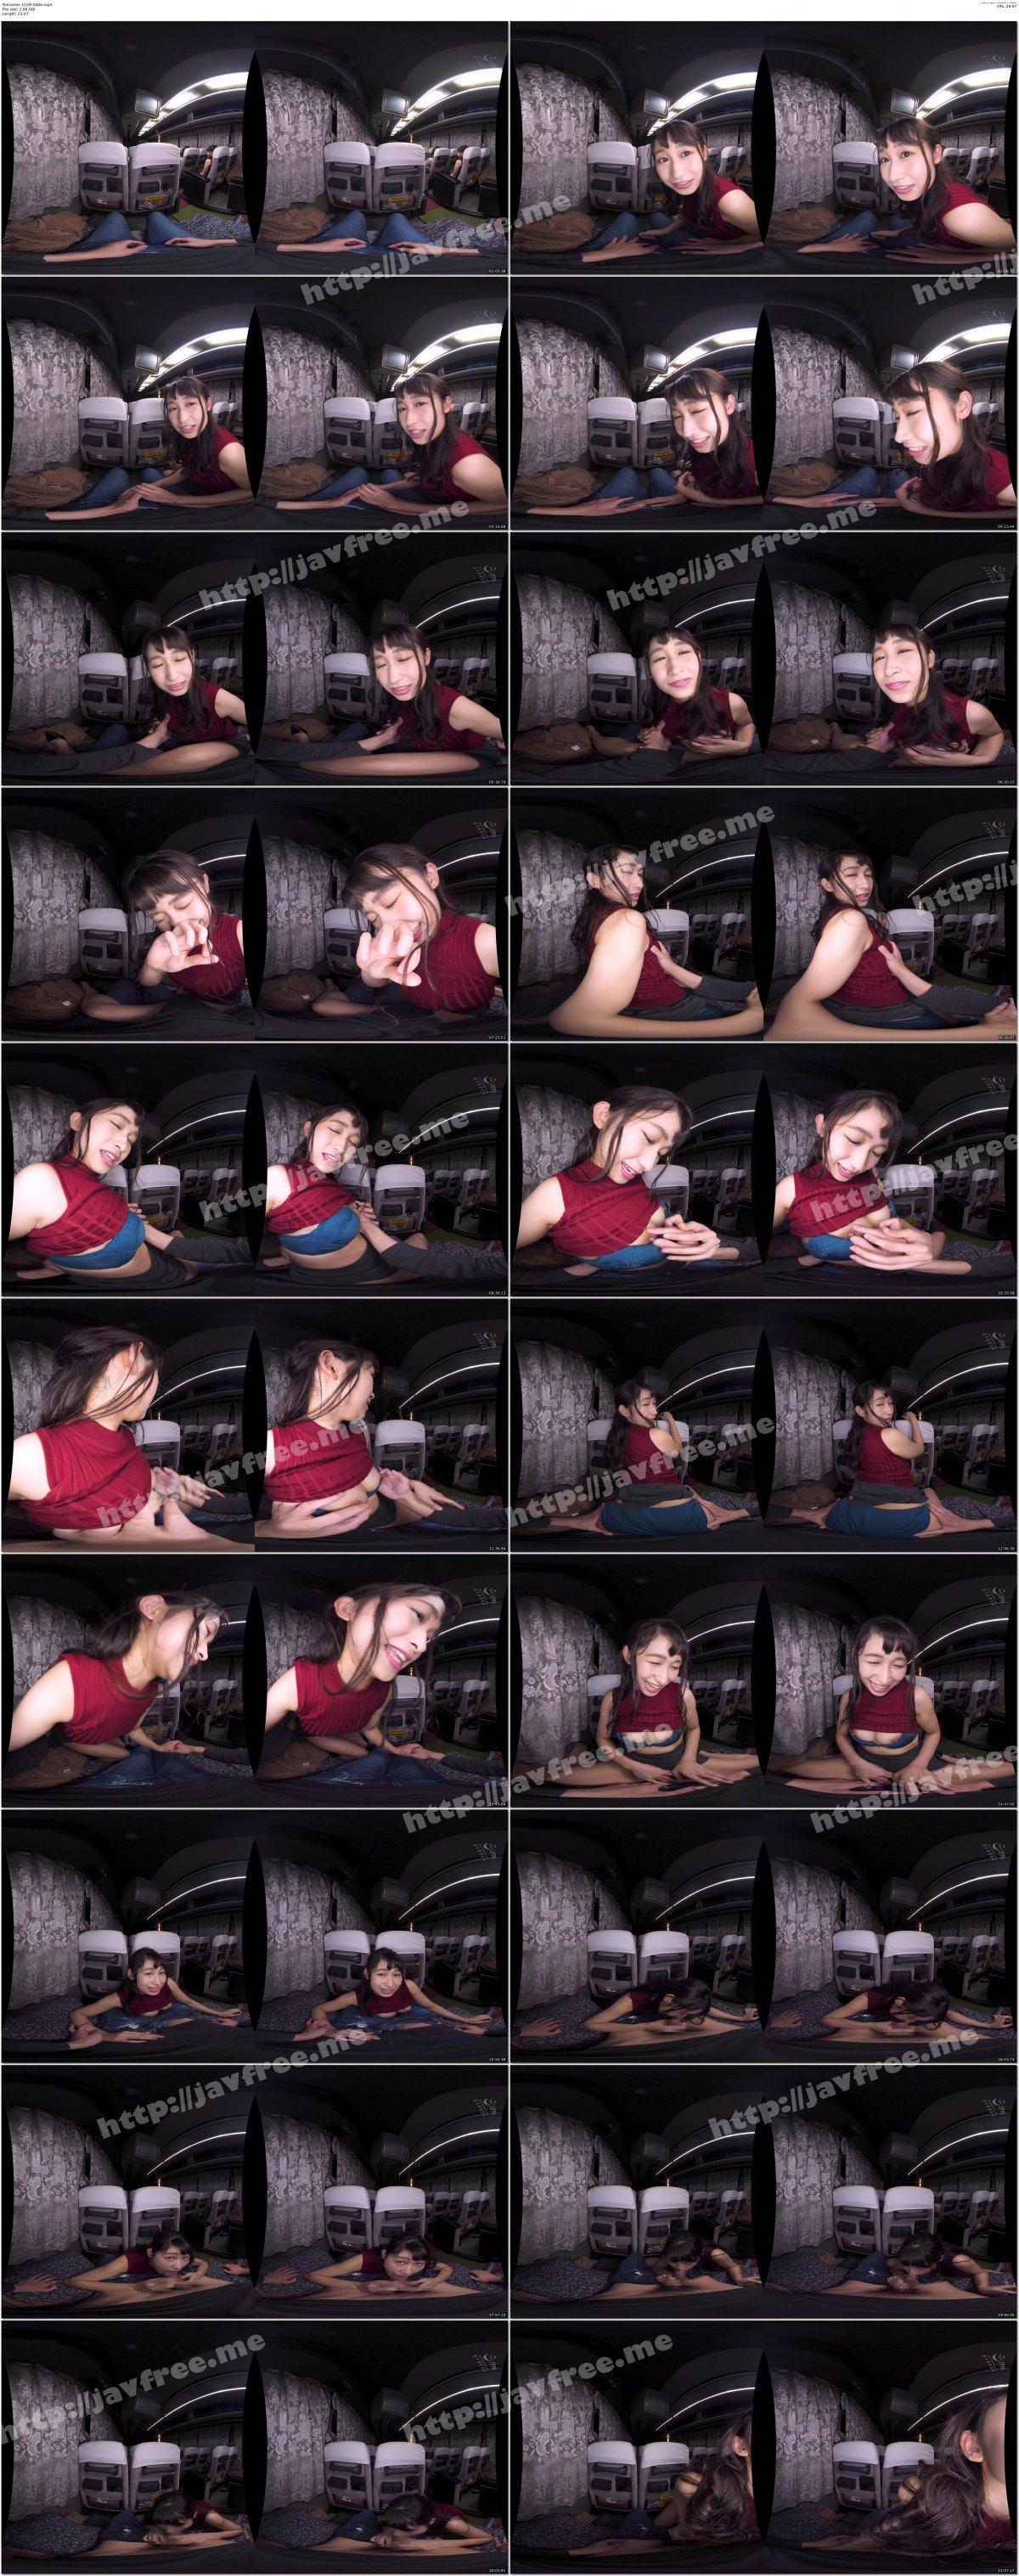 [CLVR-040] 【VR】VR長尺 夜行バスで乗り合わせた女性がカラダをすり寄せ誘惑。バレないように耳元で囁かなれがらHしたら、 それに気づいた別の乗客からも誘惑されSEXしてしまいました。静岡~新宿編【現行最高画質】 - image CLVR-040e on https://javfree.me